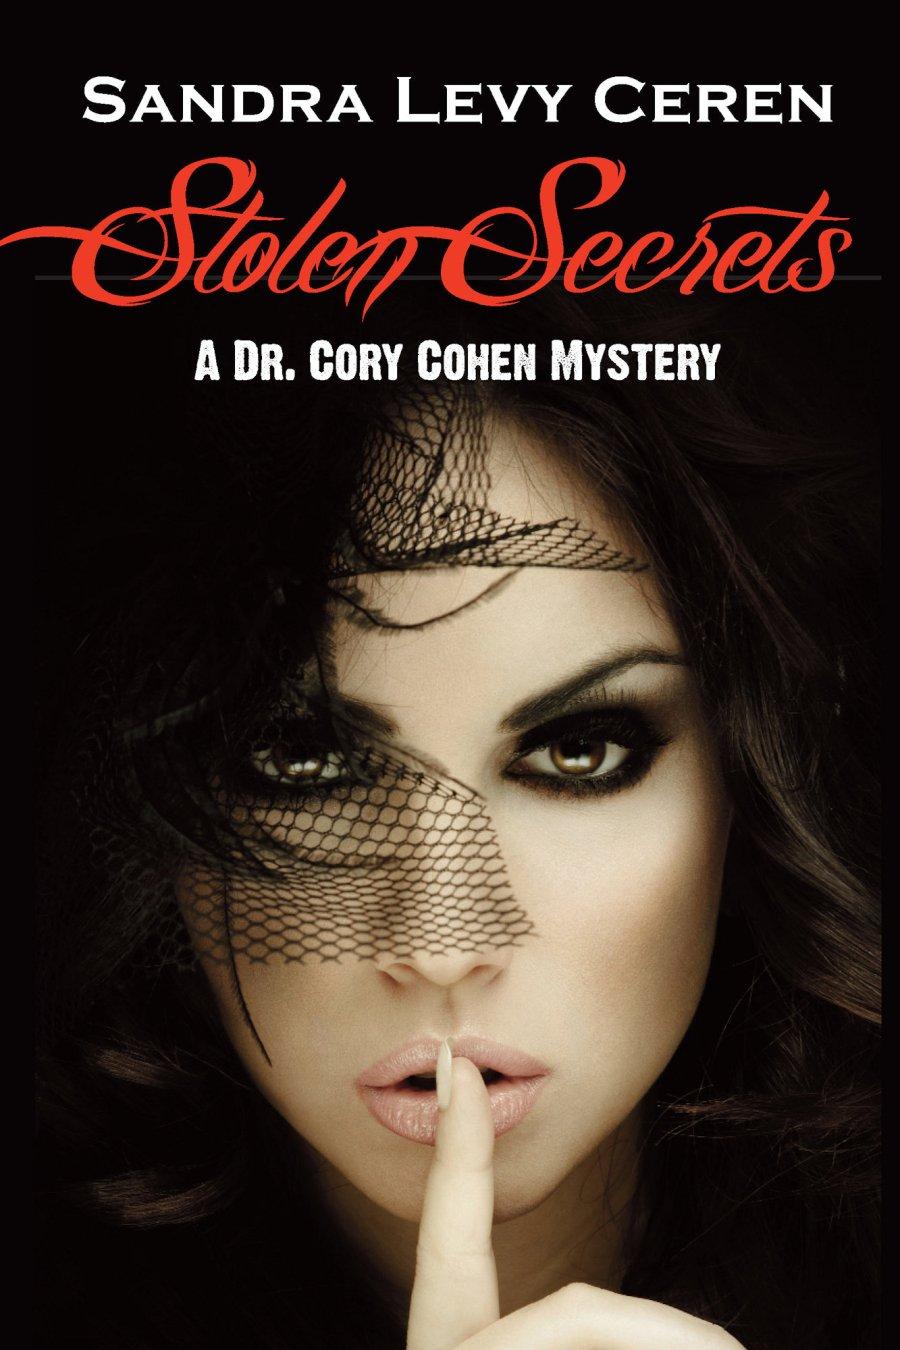 Stolen Secrets: A Dr. Cory Cohen Mystery 978-1-61599-068-9